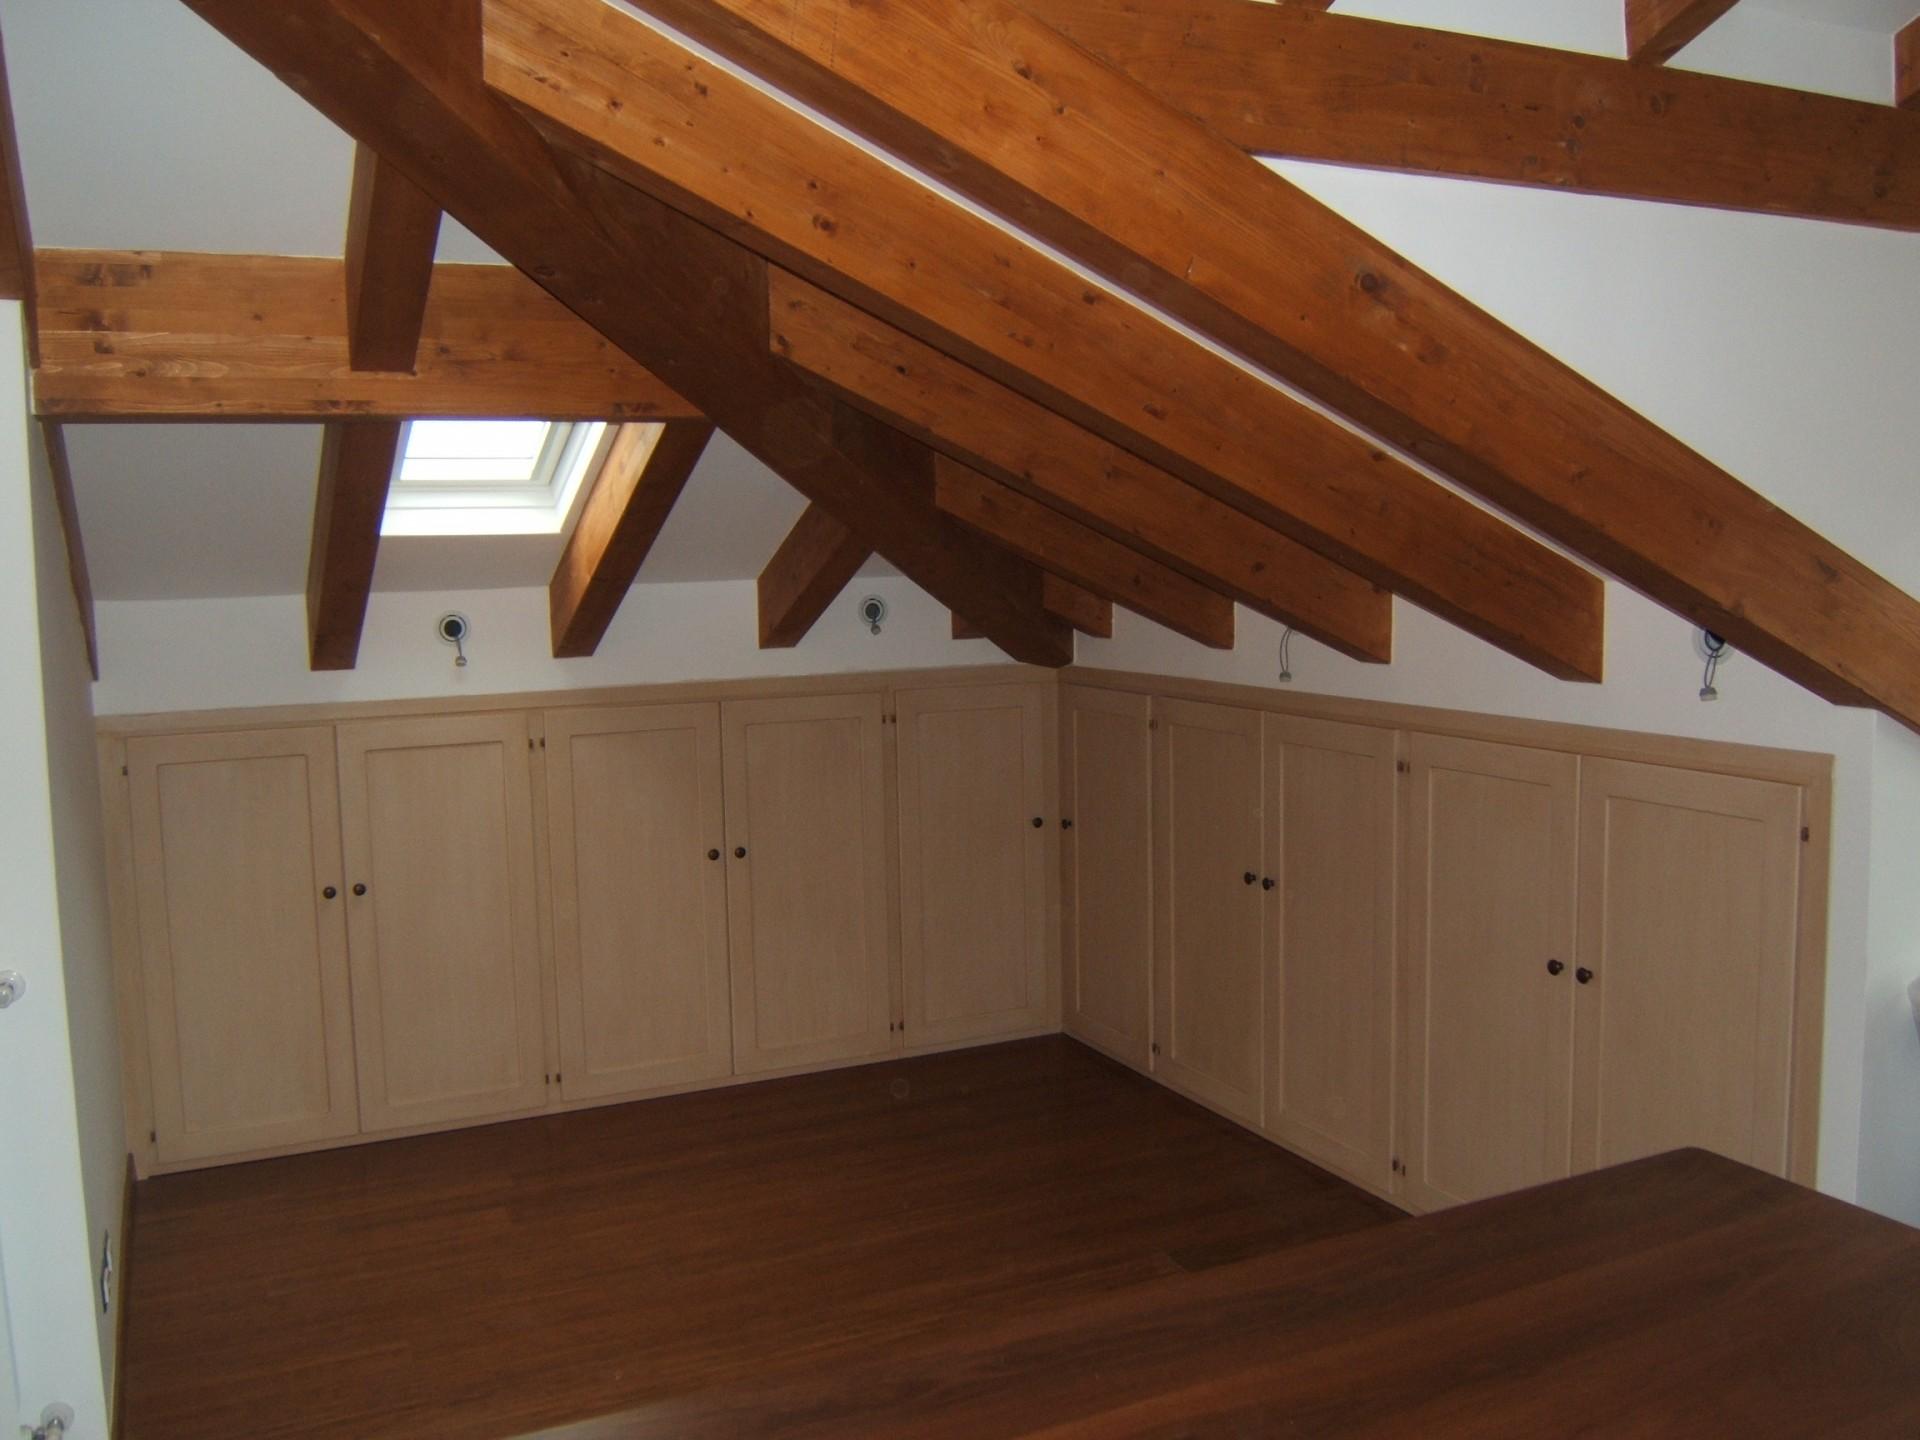 Arredamento di un sottotetto con armadi costruiti in legno su misura.